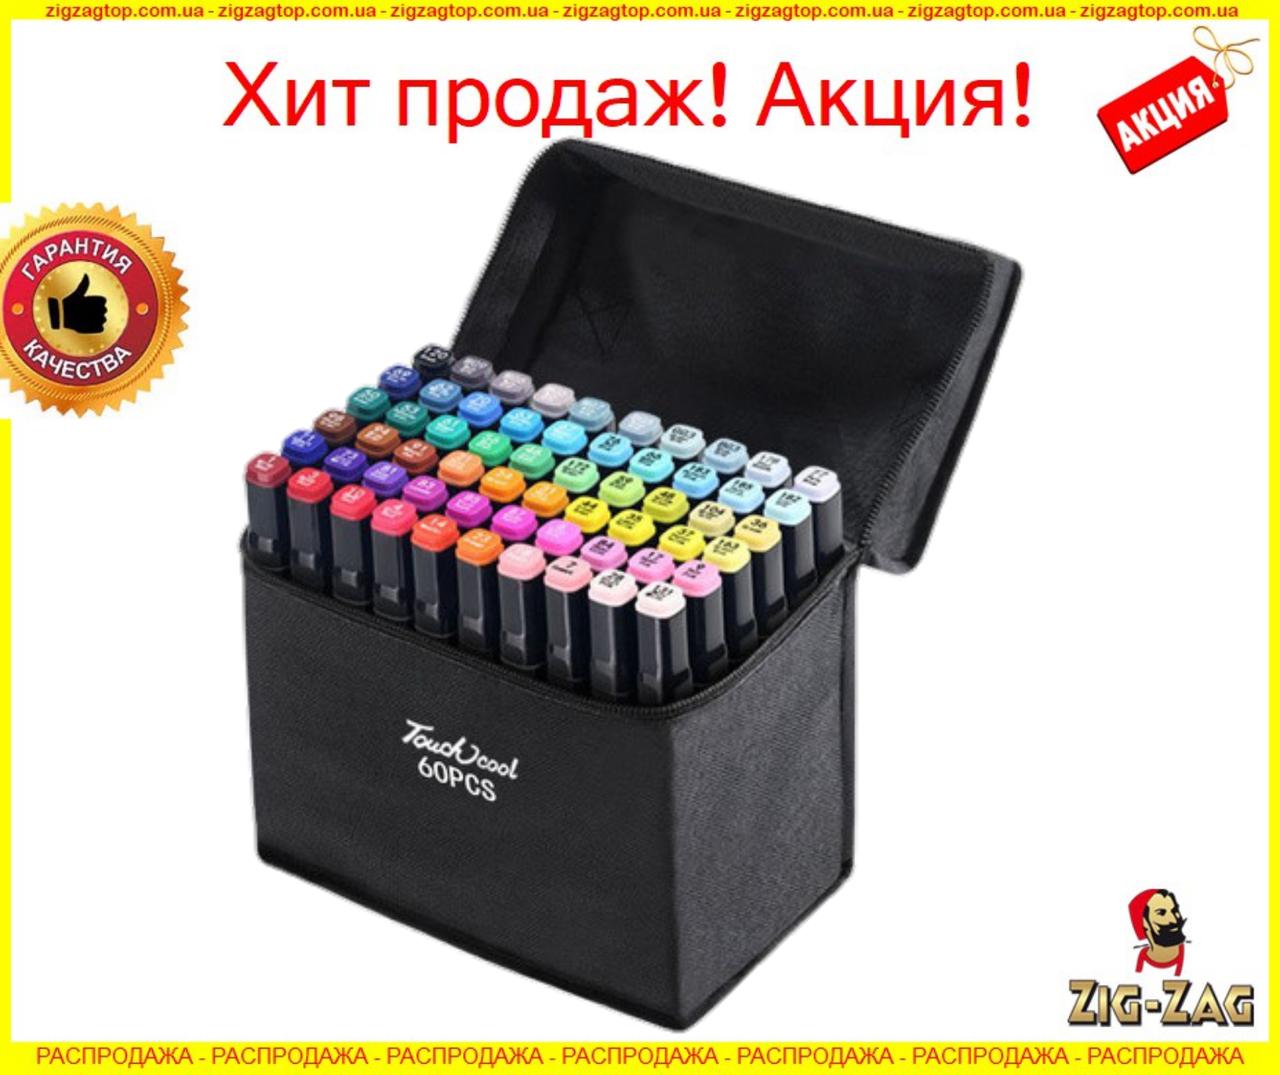 Набор маркеров для скетчинга 60шт Touch фломастеры. Двухсторонние маркеры на Спиртовой основе. Скетч-маркеры